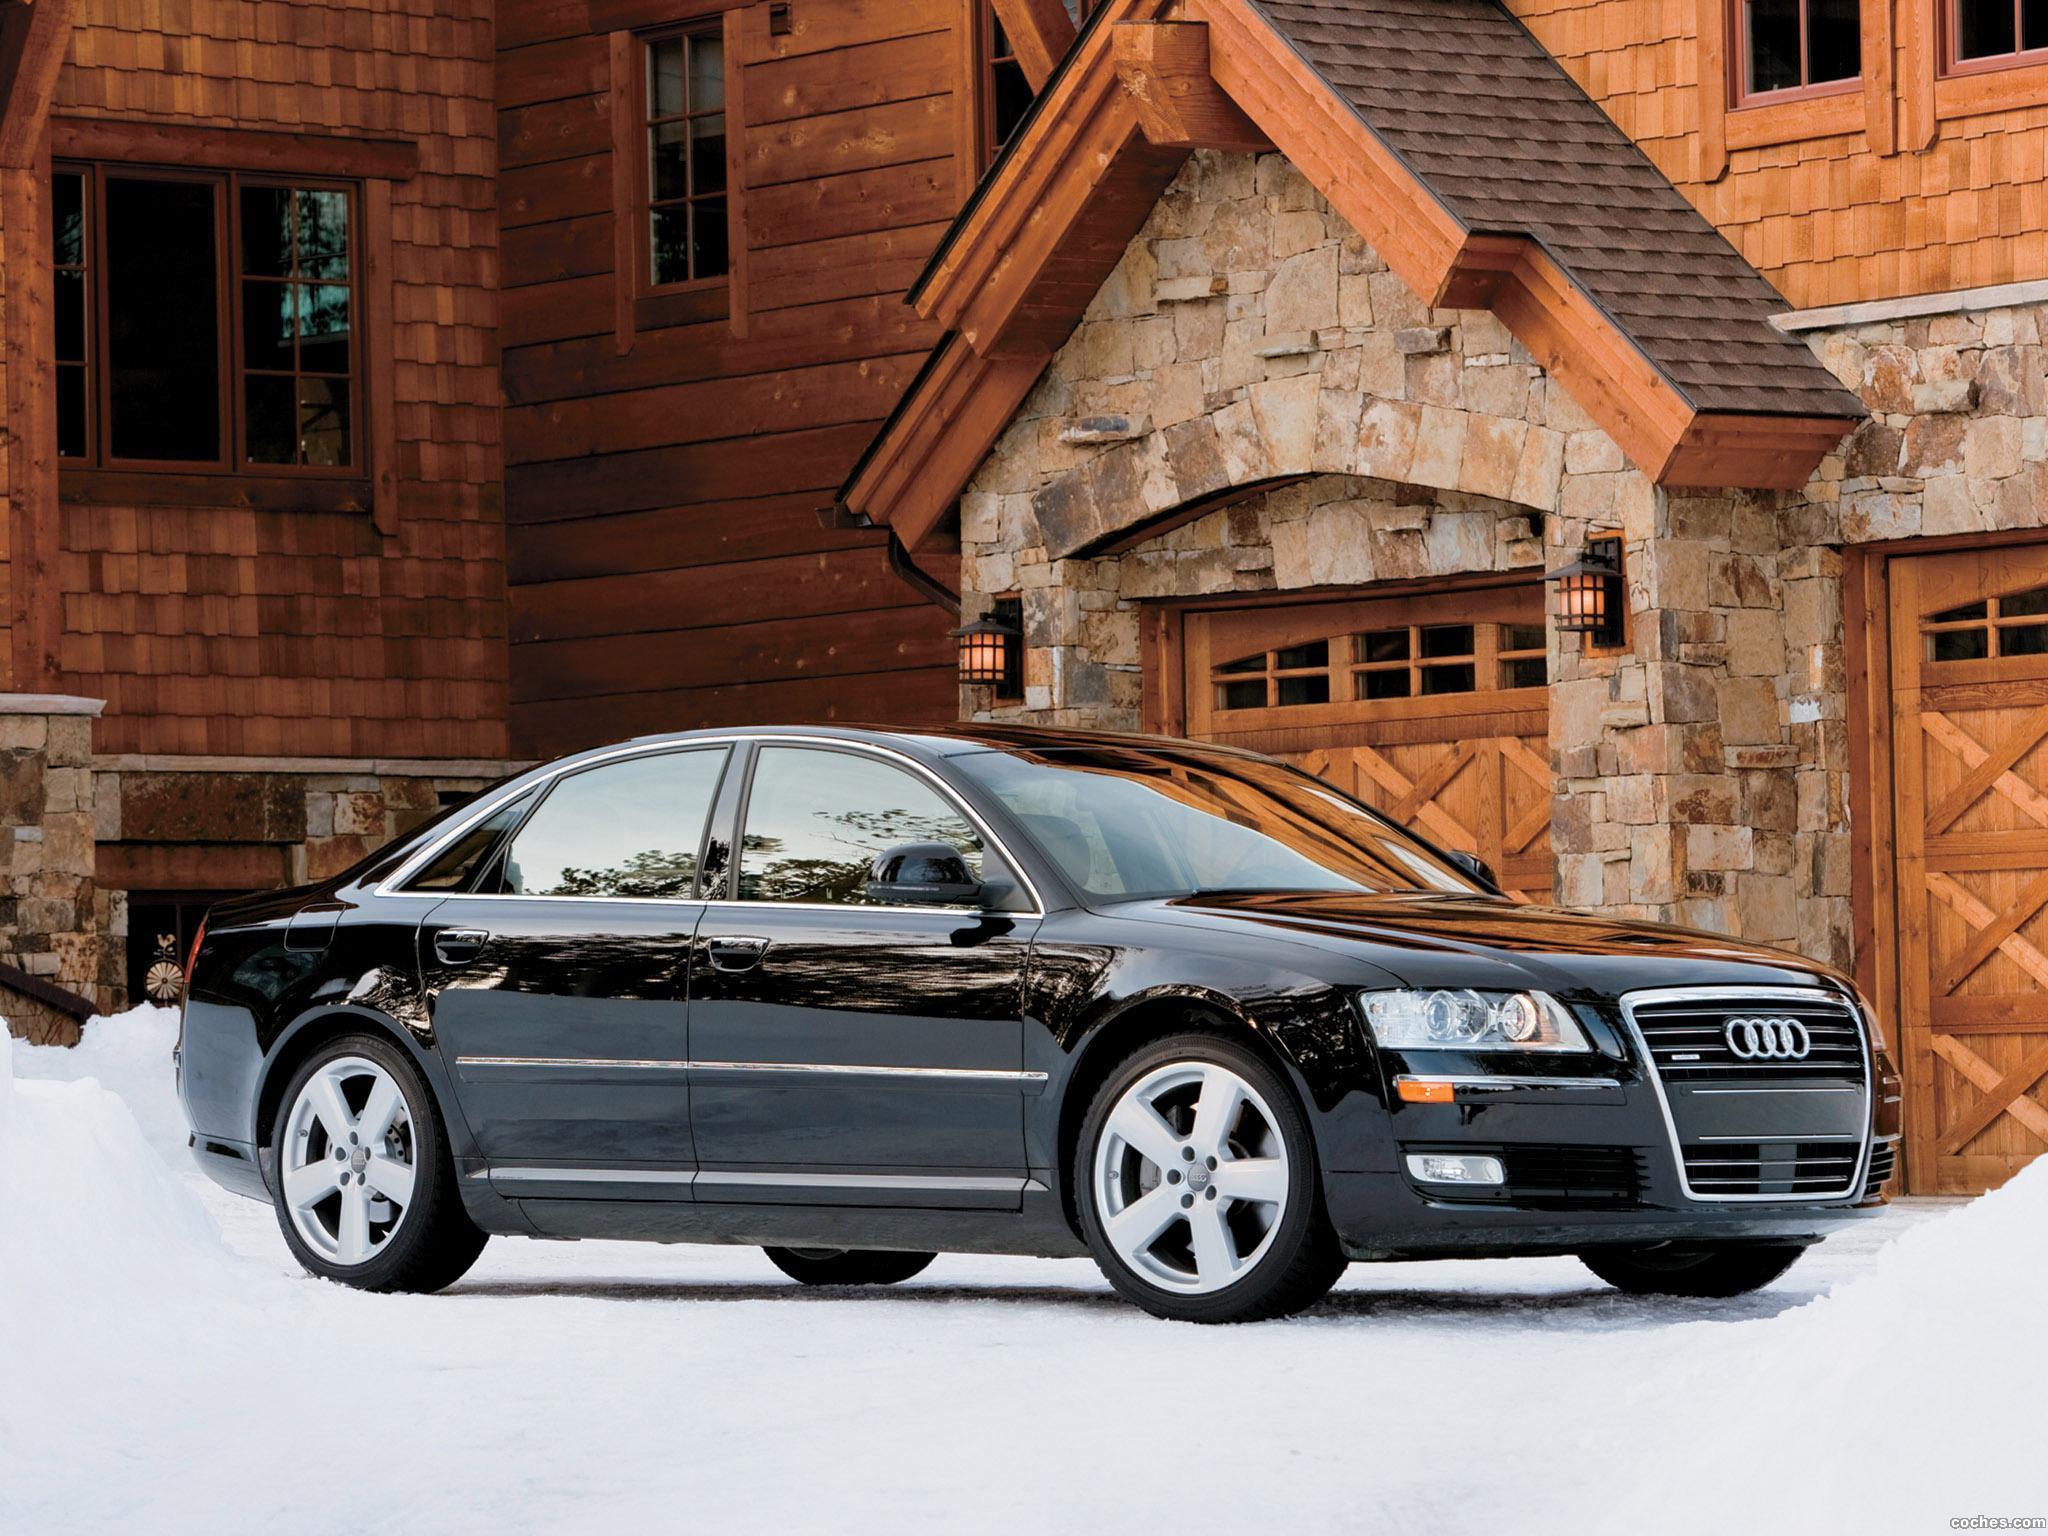 Foto 1 de Audi A8 4.2 Quattro D3 USA 2008